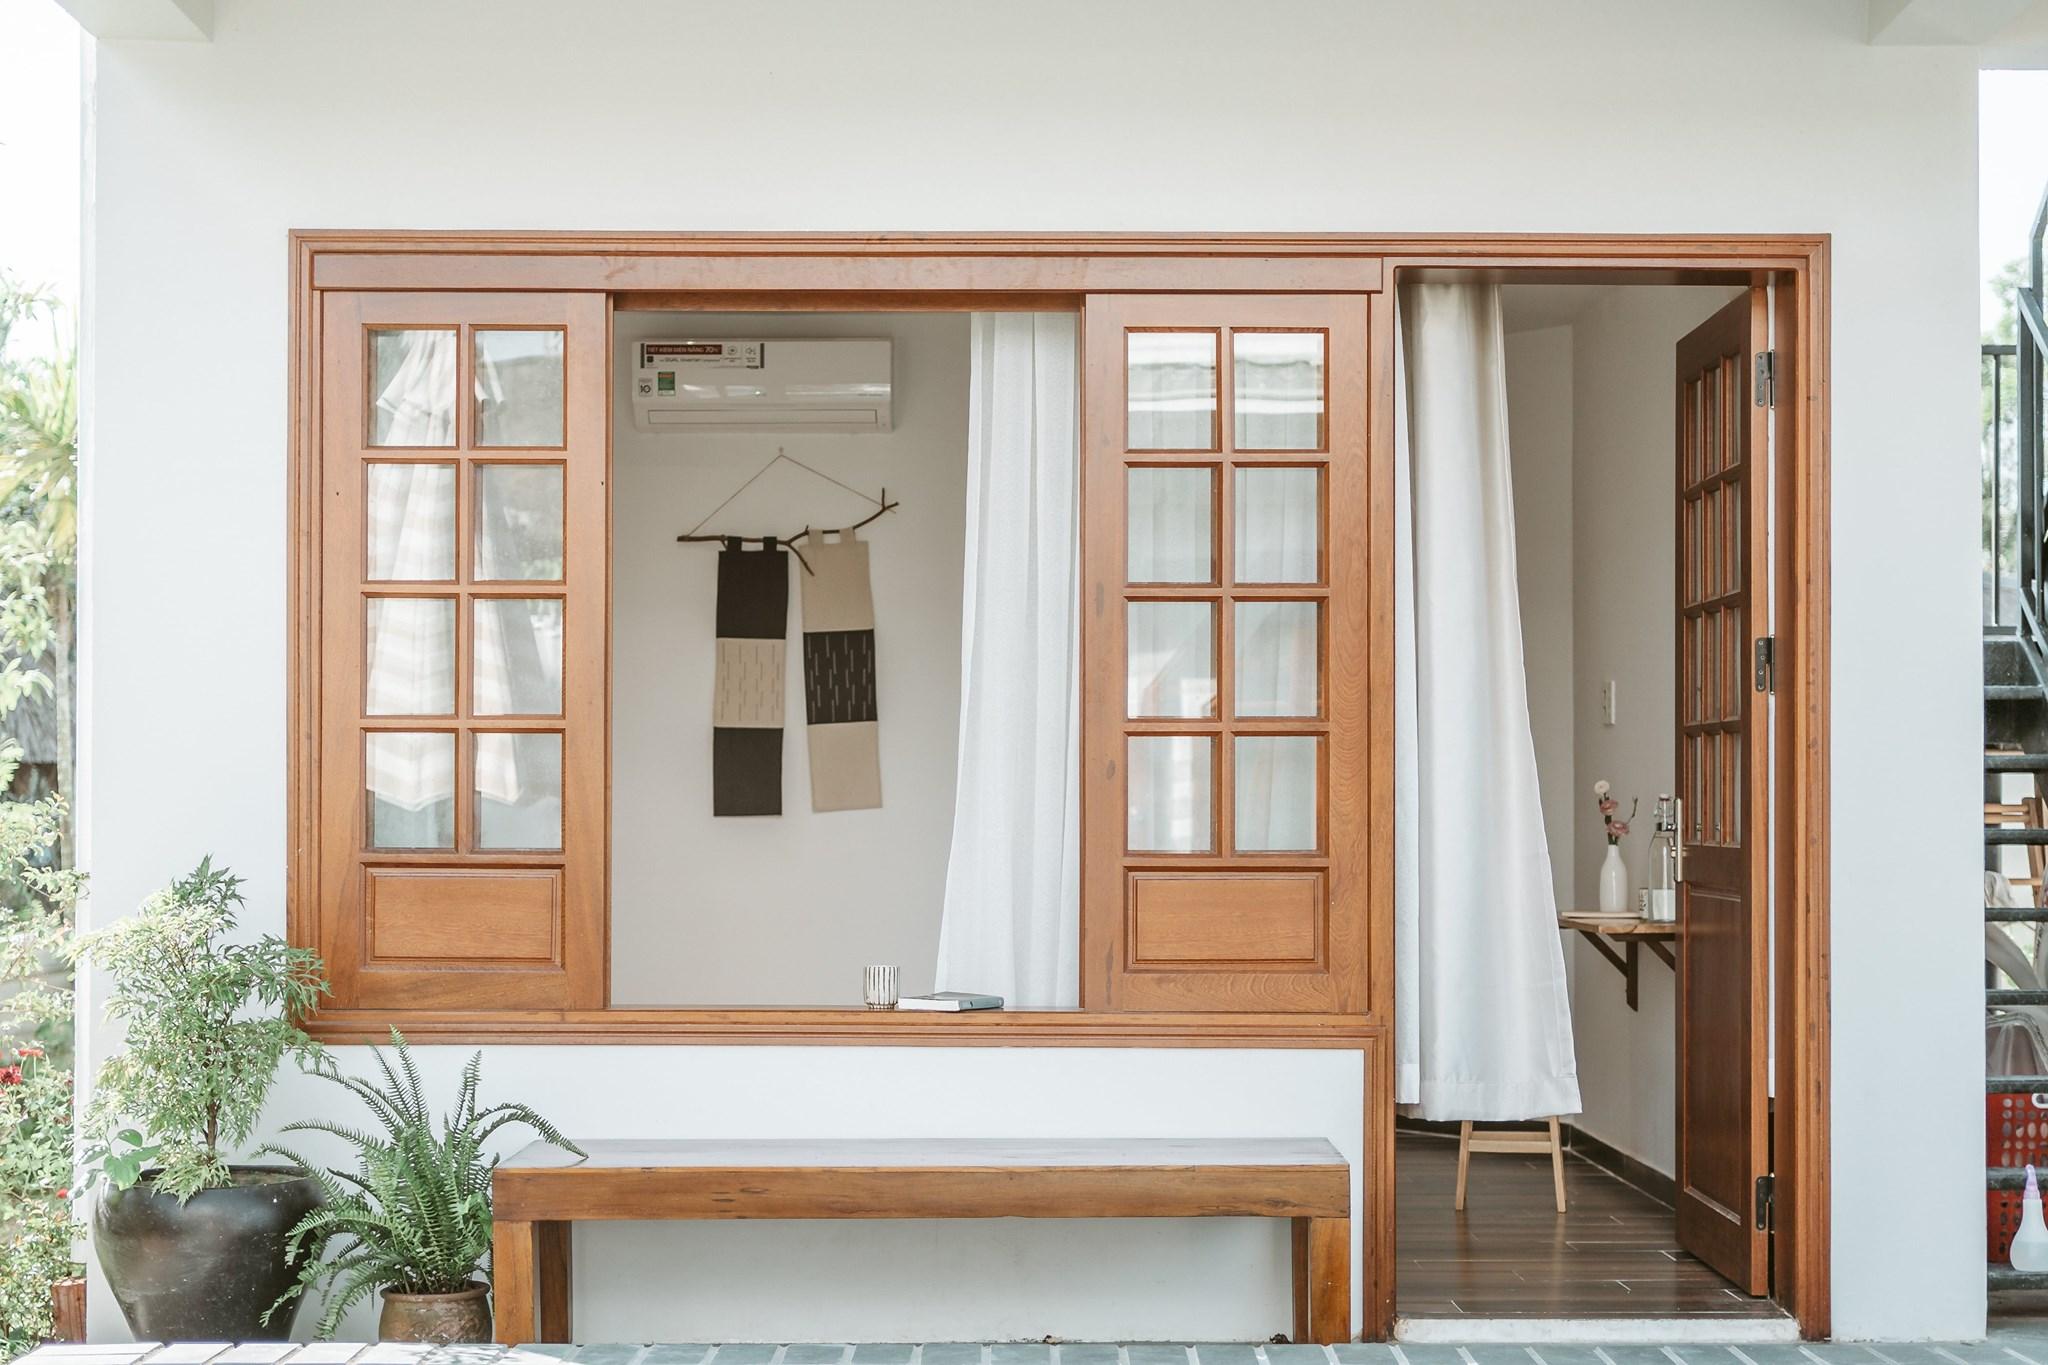 Cô gái quyết định rời Sài Gòn về Hội An cải tạo nhà ở 20 năm đã xuống cấp thành homestay 5 phòng đẹp lung linh, cho khách thuê chỉ 420-520 ngàn đồng/ phòng - Ảnh 1.